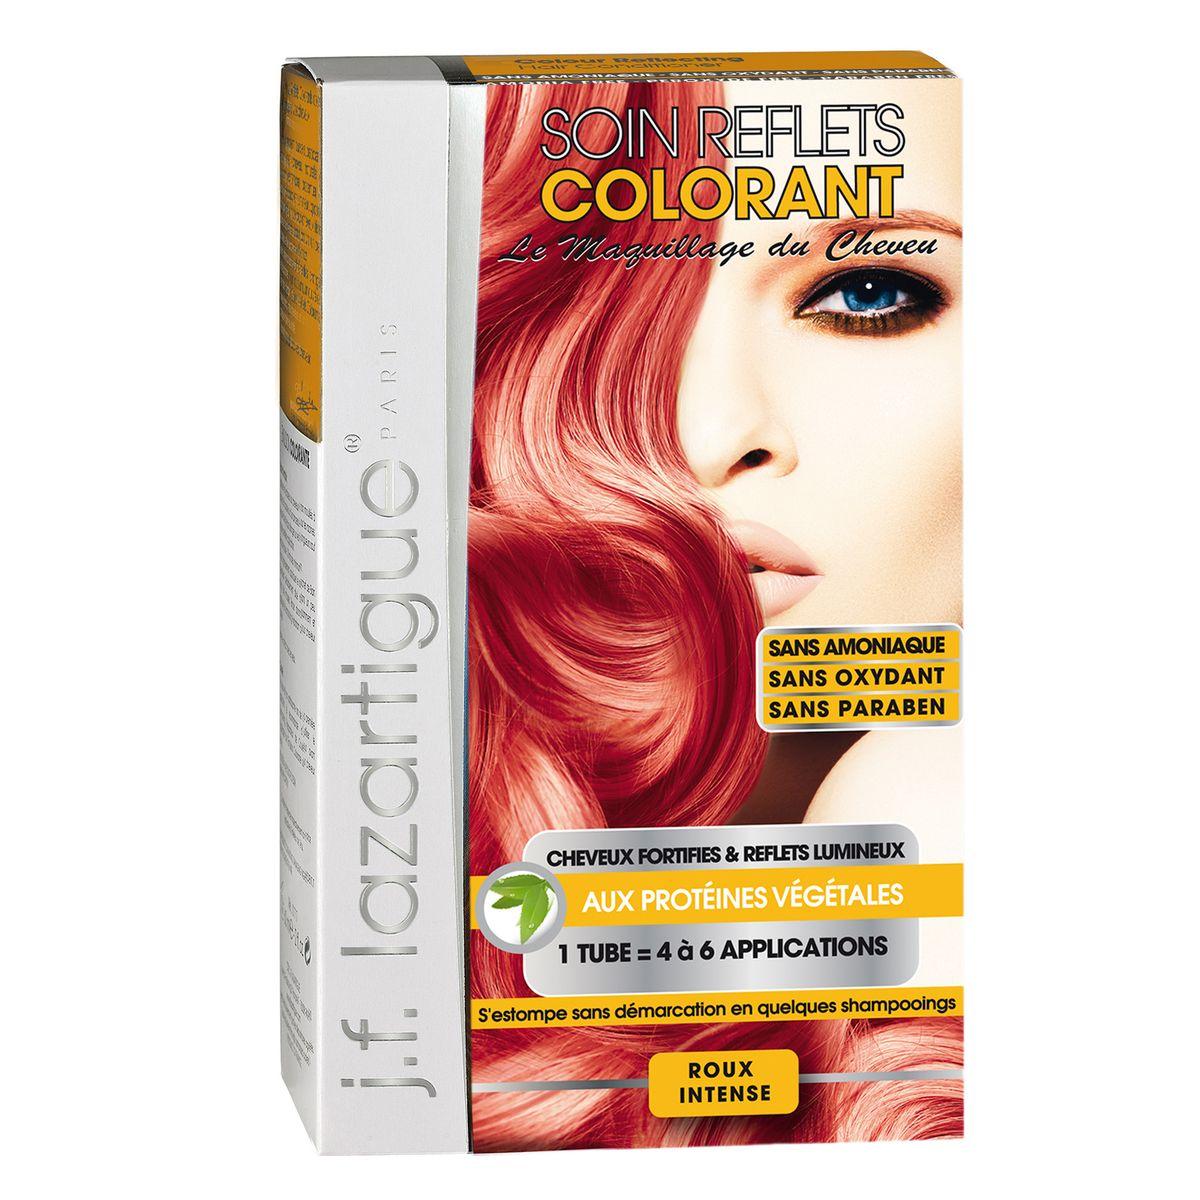 J.F.Lazartigue Оттеночный кондиционер для волос Глубокий рыжий 100 мл766509Оттеночный кондиционер J.F.LAZARTIGUE – это лечебный макияж для Ваших волос. Два эффекта: кондиционирование волос и легкий оттенок. Особенности: придает новый или более теплый (или холодный) оттенок, делает тон темнее или акцентирует цвет, оживляет естественный цвет или придает яркость тусклым и выцветшим на солнце волосам. Закрашивает небольшой процент седины! После мытья волос шампунем (3-6 раз) смывается. Для достижения индивидуального оттенка можно смешать два разных кондиционера: добавить к выбранному ТЕМНЫЙ РЫЖИЙ (Auburn), МЕДНЫЙ (Copper) и т.п. Не осветляет волосы. Не содержит аммиака и перекиси водорода. Не содержит парабенов. Не предназначен для окрашивания бровей и ресниц.